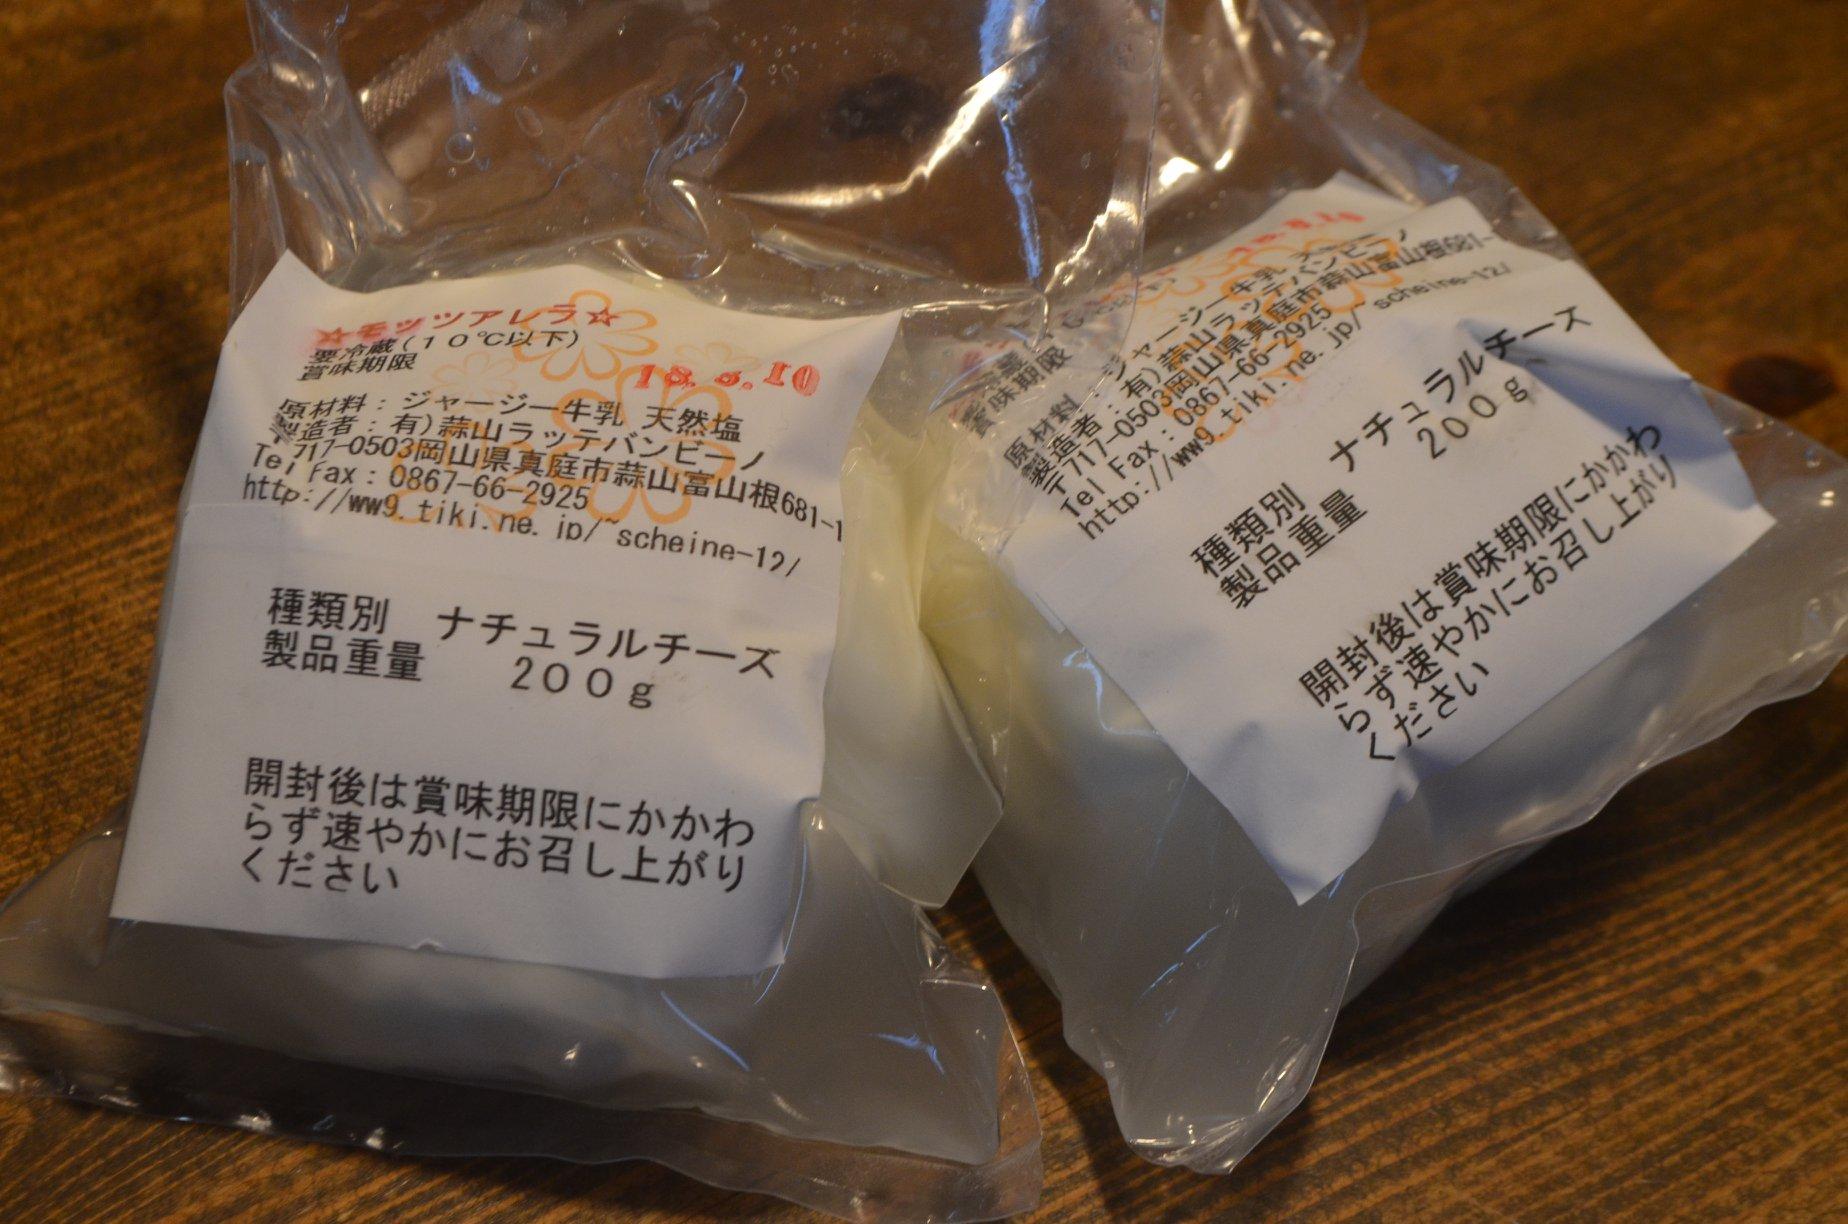 蒜山ラッテバンビーノチーズ